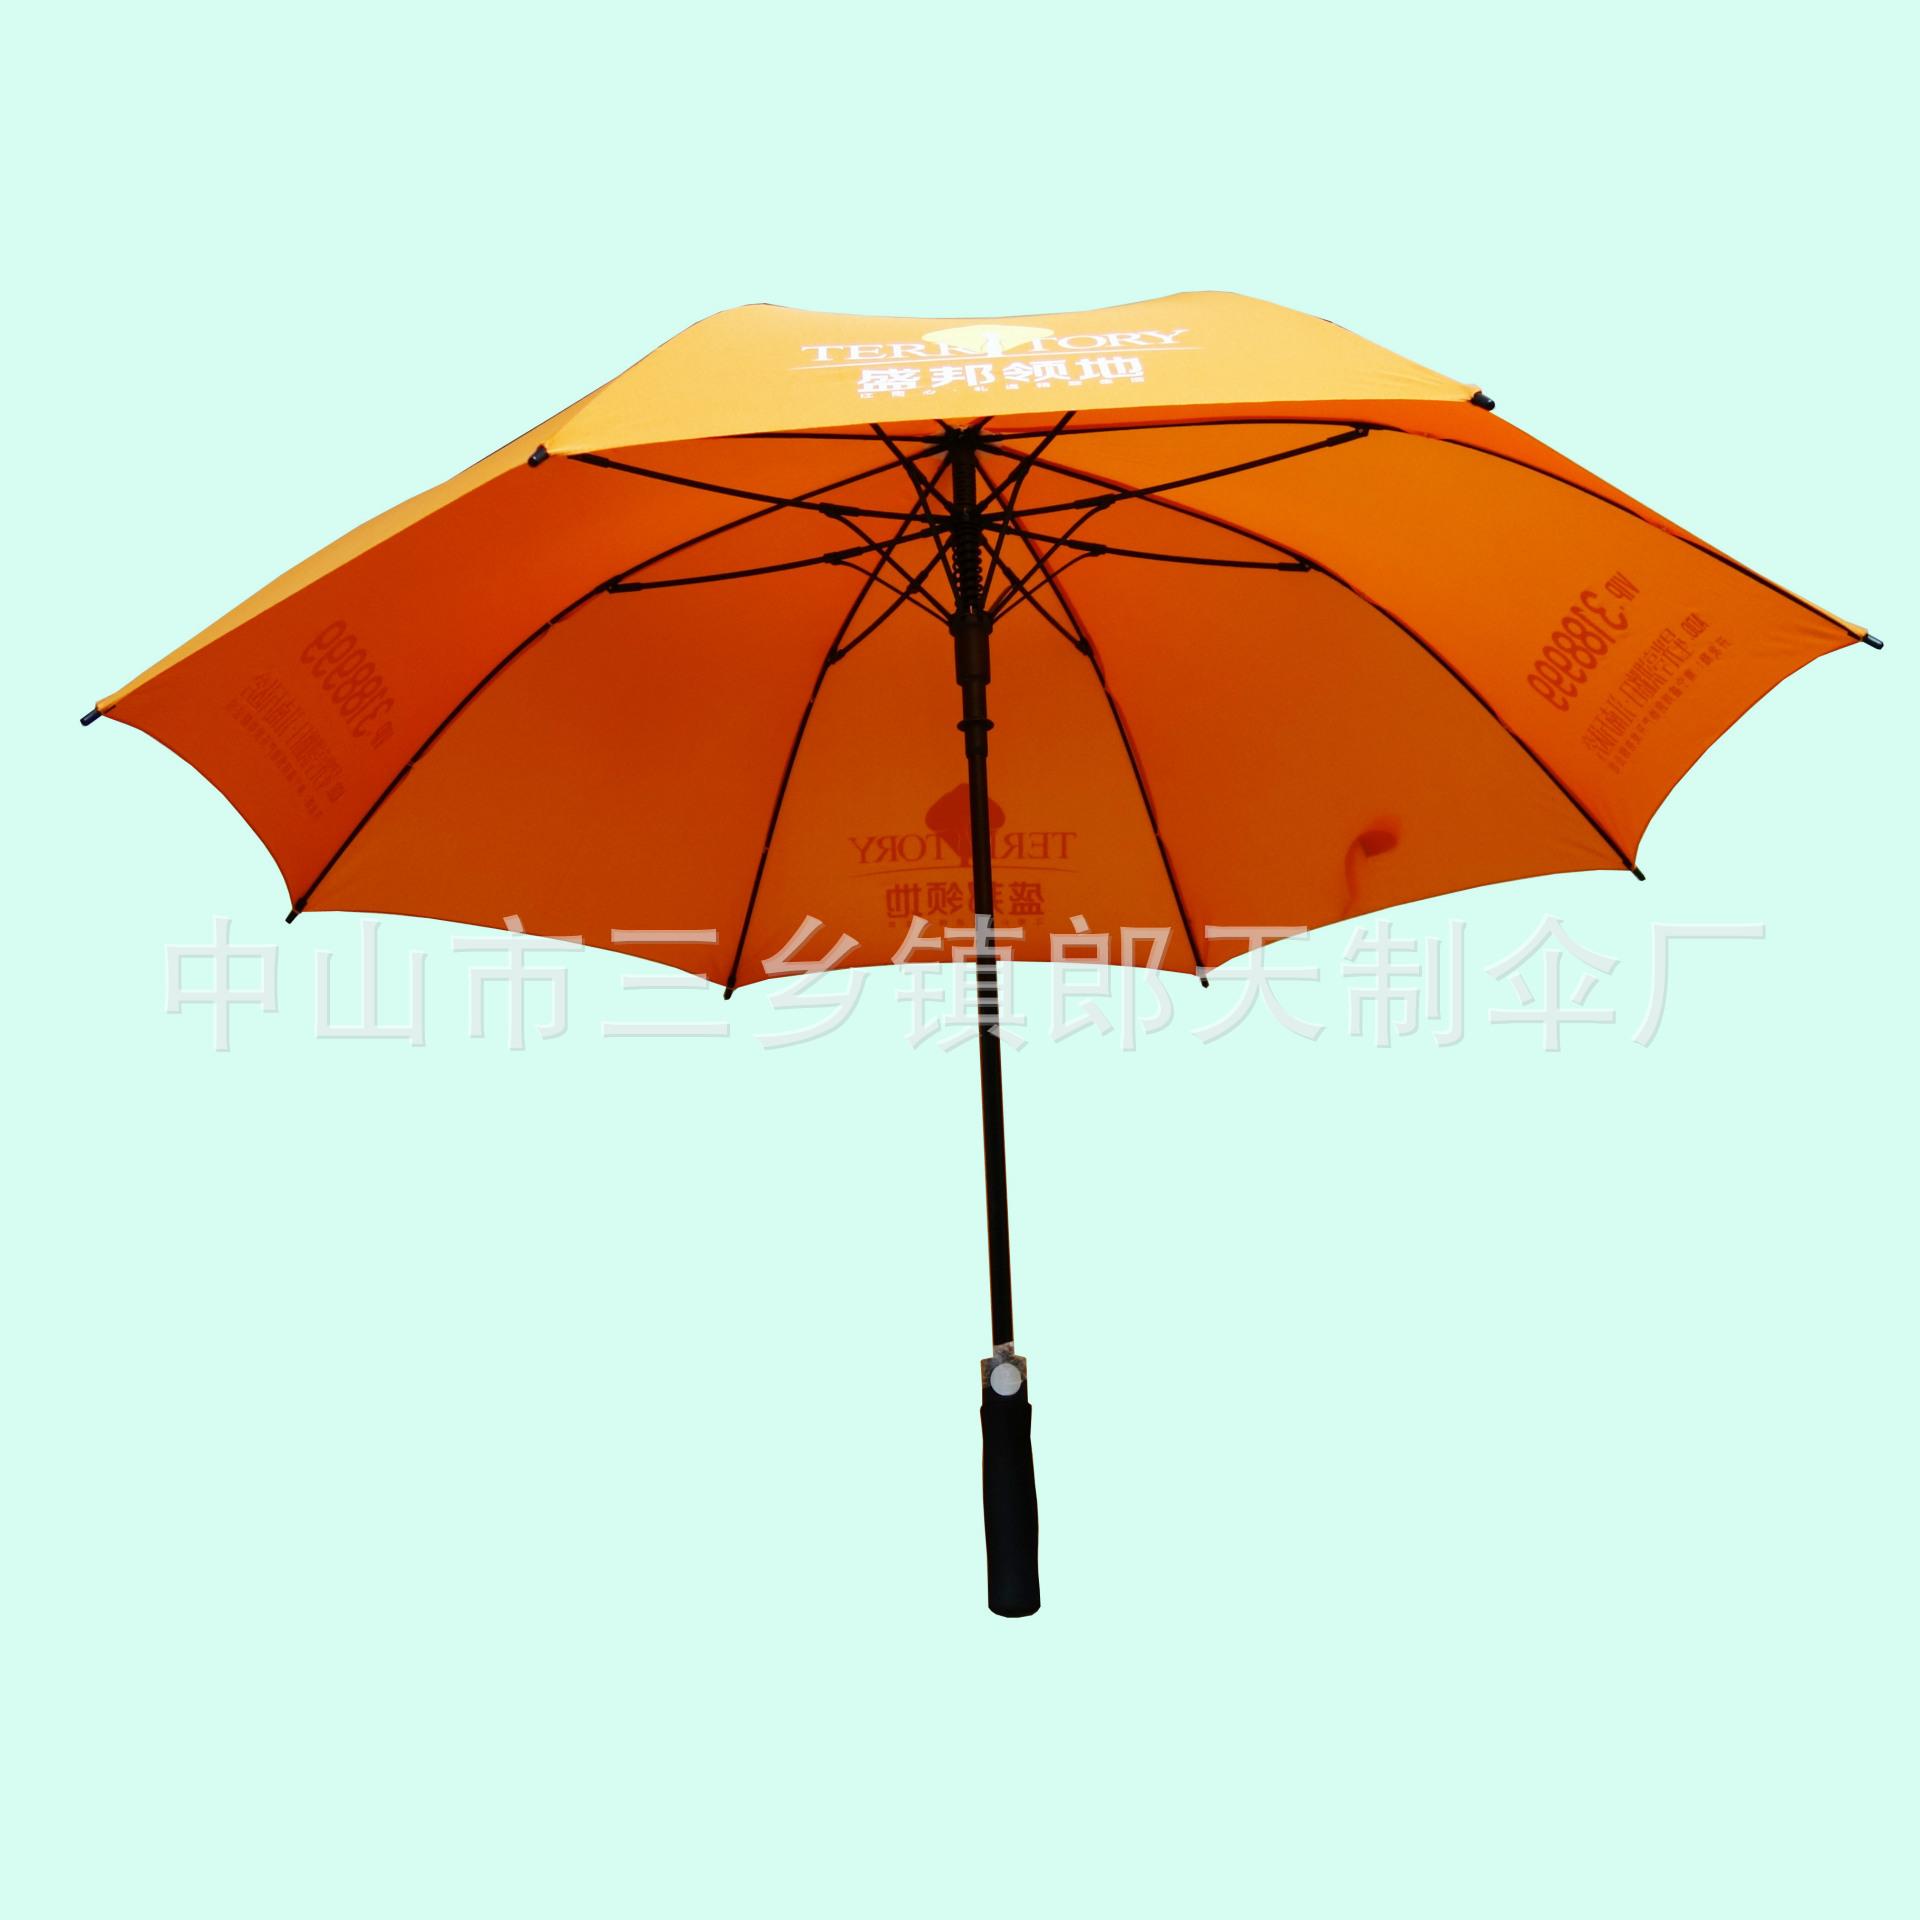 供应定制广告促销全纤维长柄深圳高尔夫雨伞直杆伞